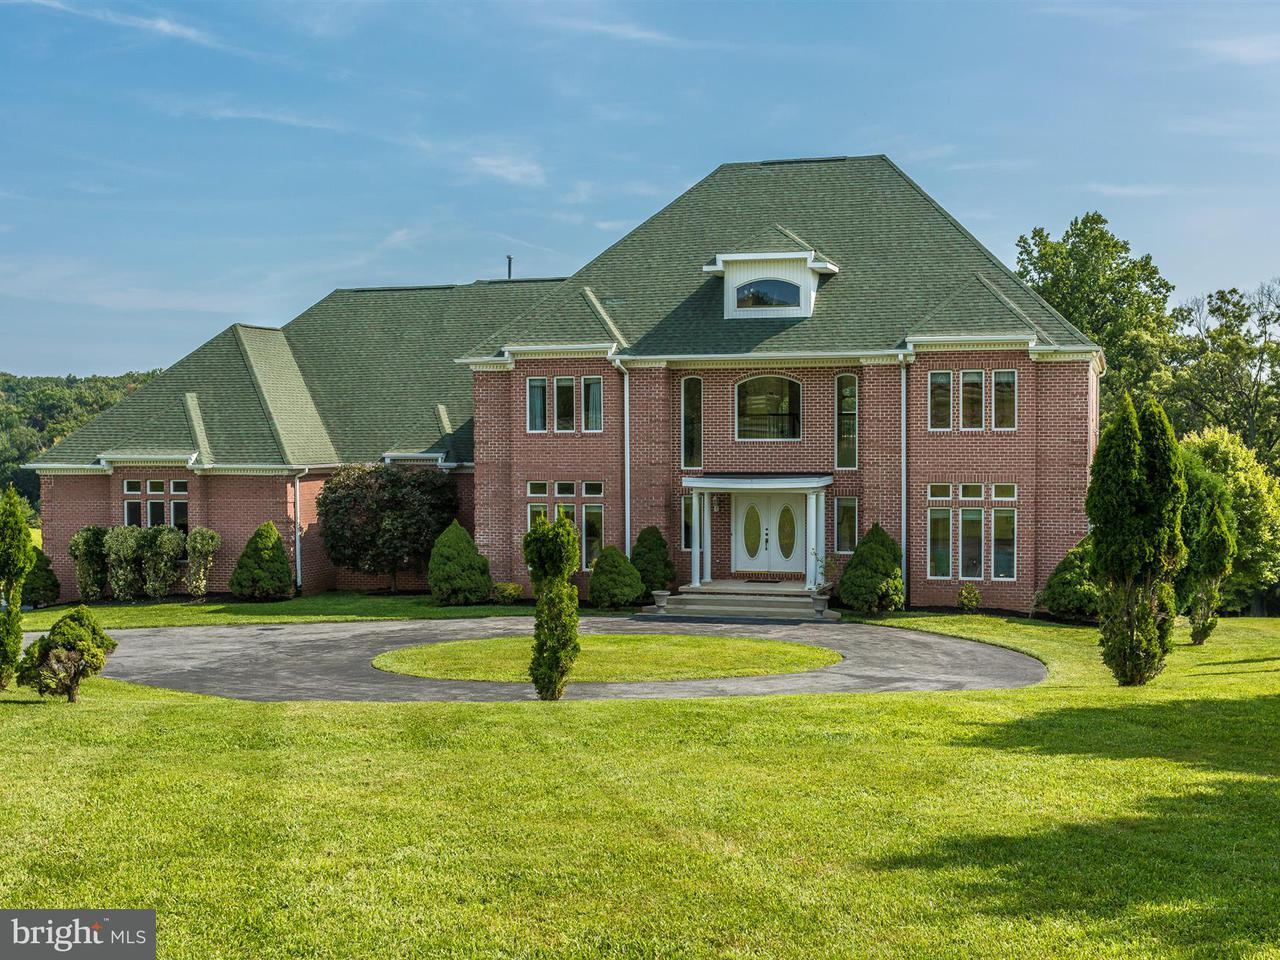 Частный односемейный дом для того Продажа на 21001 SUGAR RIDGE TER 21001 SUGAR RIDGE TER Boyds, Мэриленд 20841 Соединенные Штаты